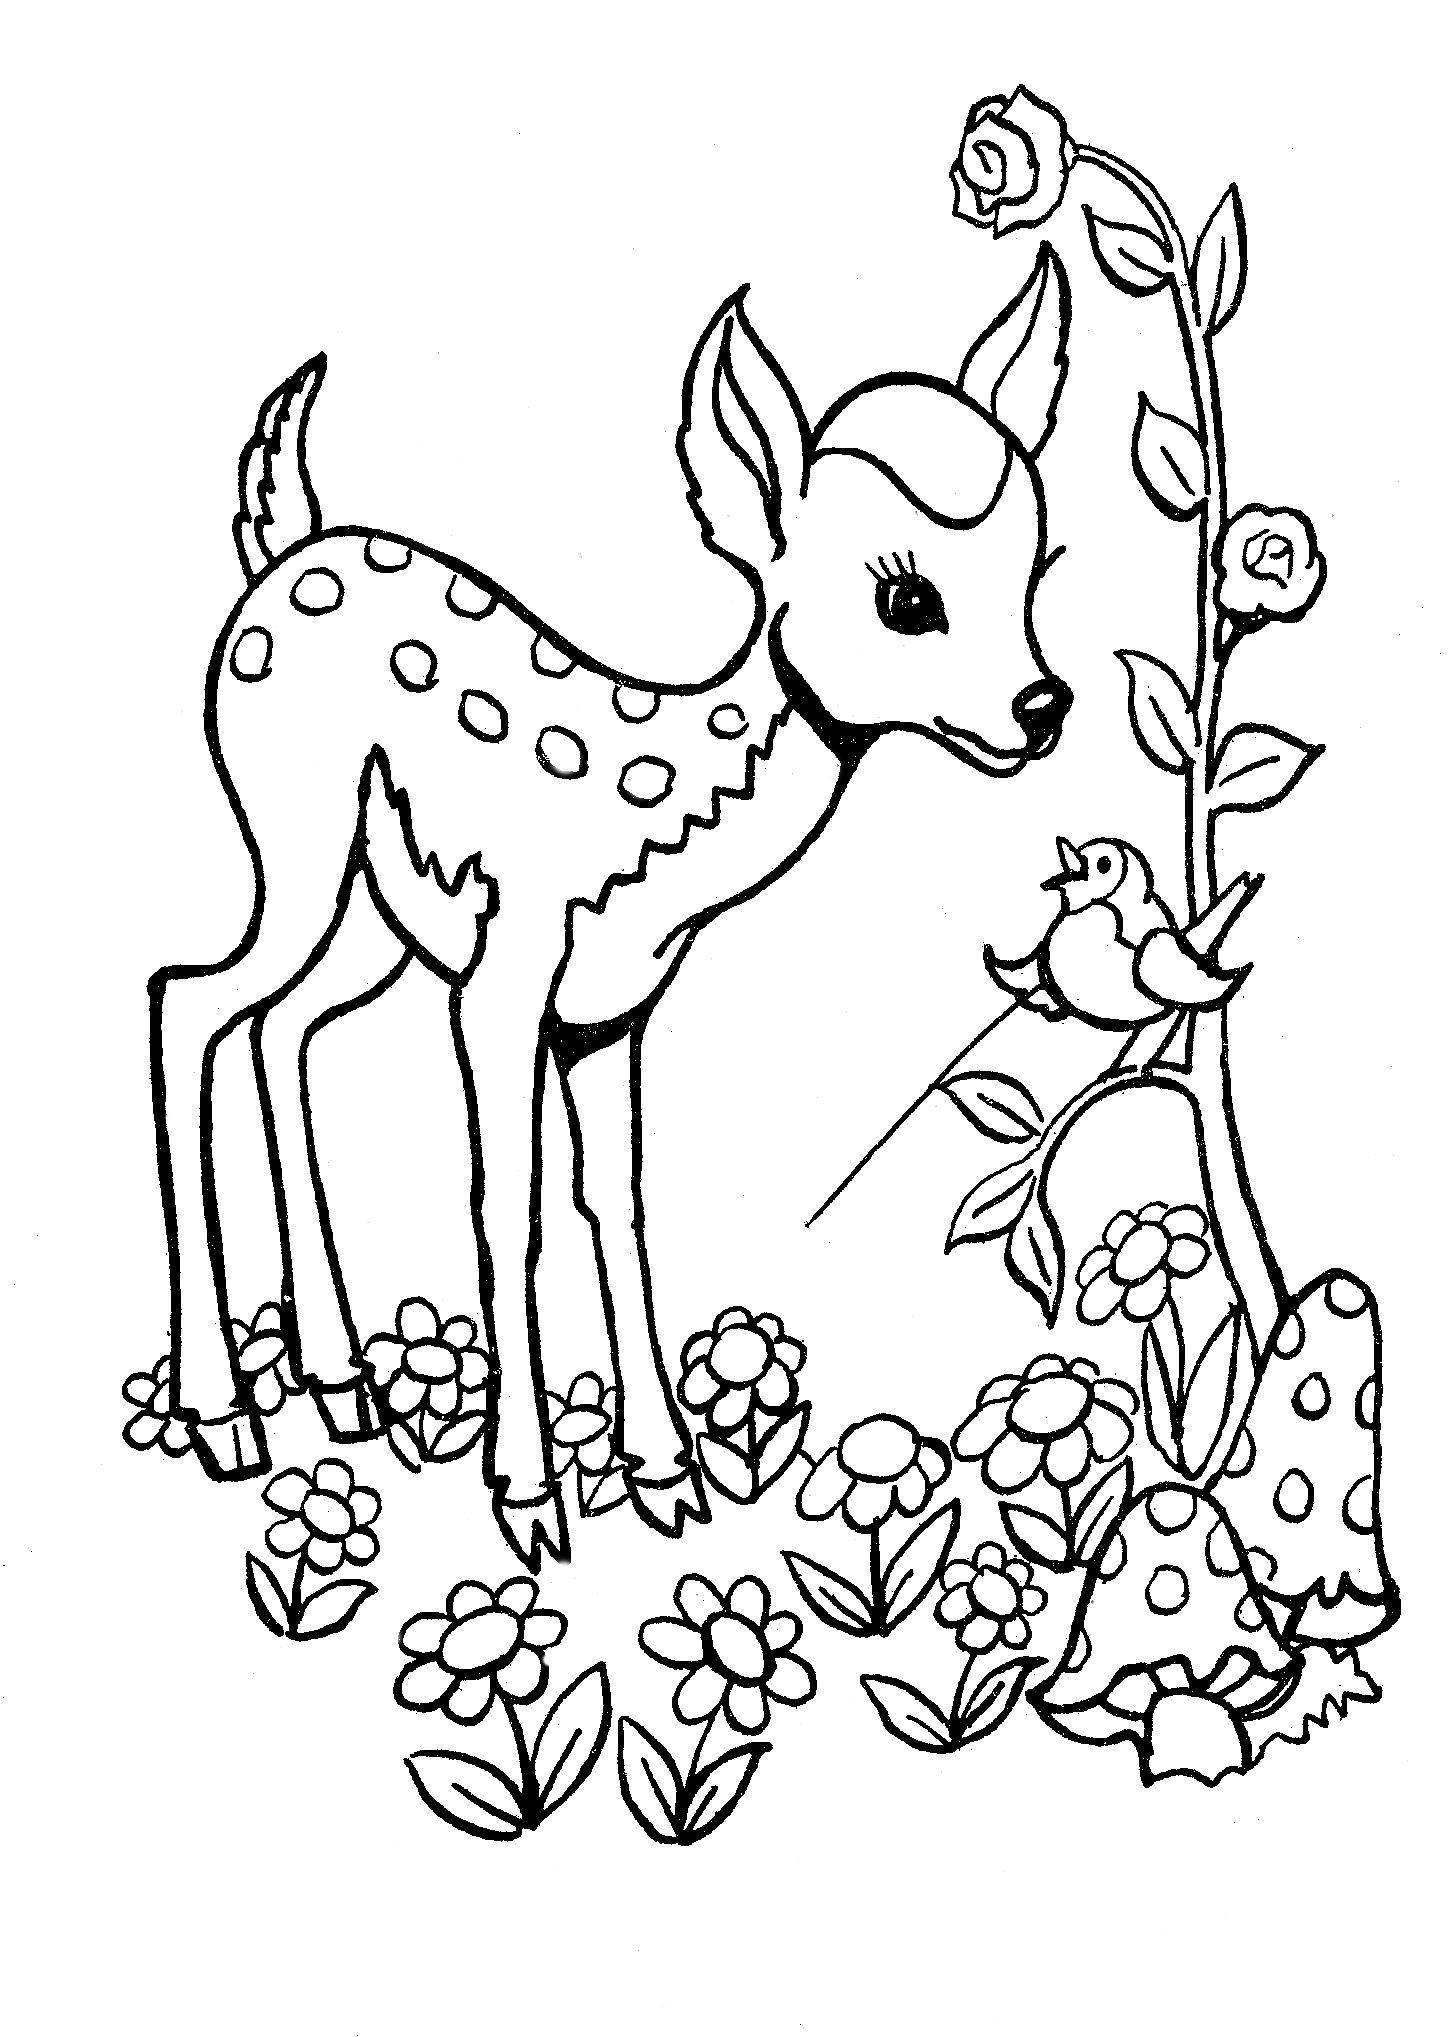 Fise De Colorat Animale Sălbatice Deer Coloring Pages Animal Coloring Pages Horse Coloring Pages